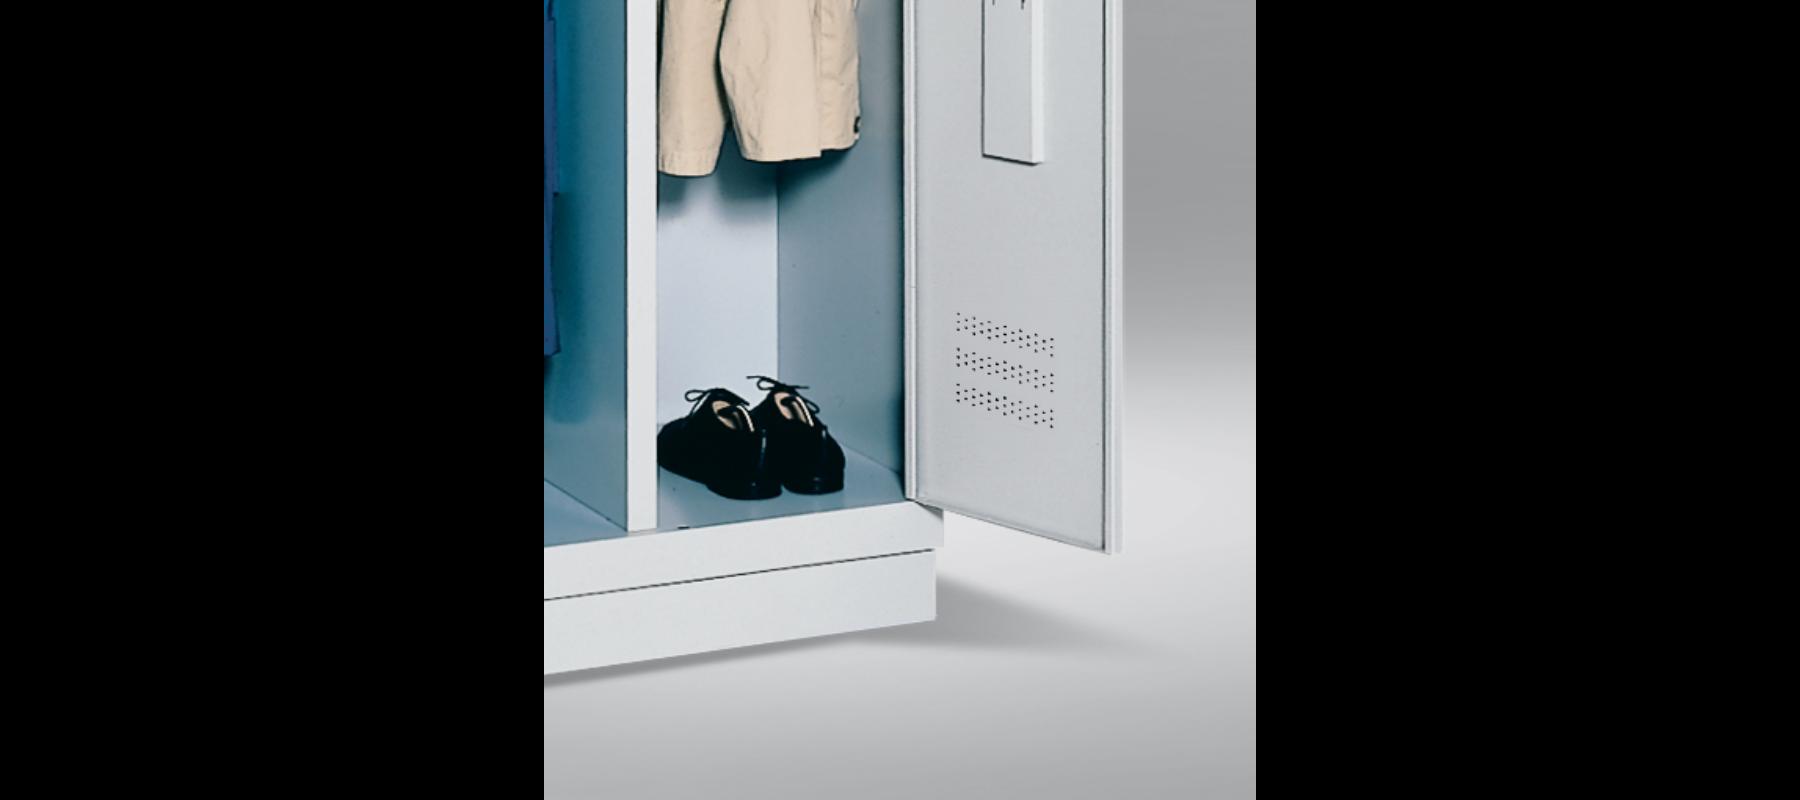 szatnie szafy ubraniowe cp detale - 09